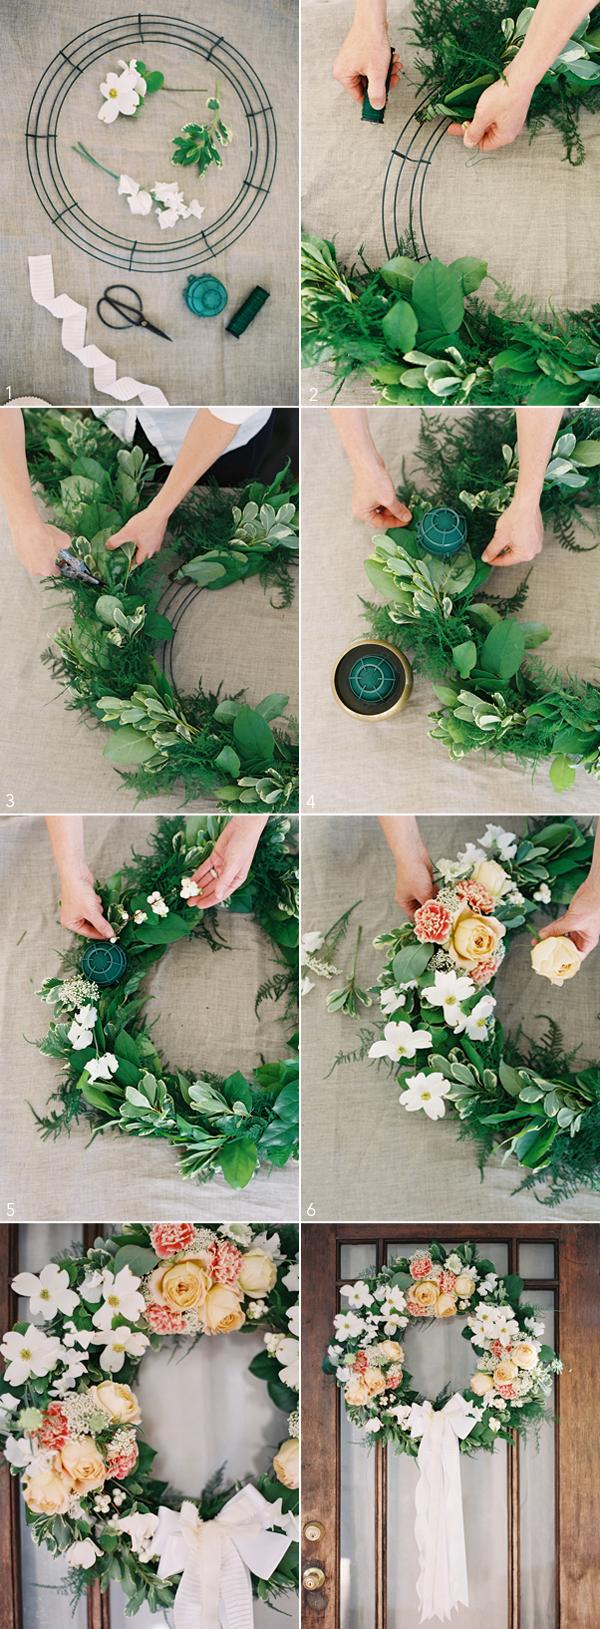 Diy Wedding Wreath Once Wed Diy Wedding Wreath Spring Wedding Decorations Diy Wedding Decorations